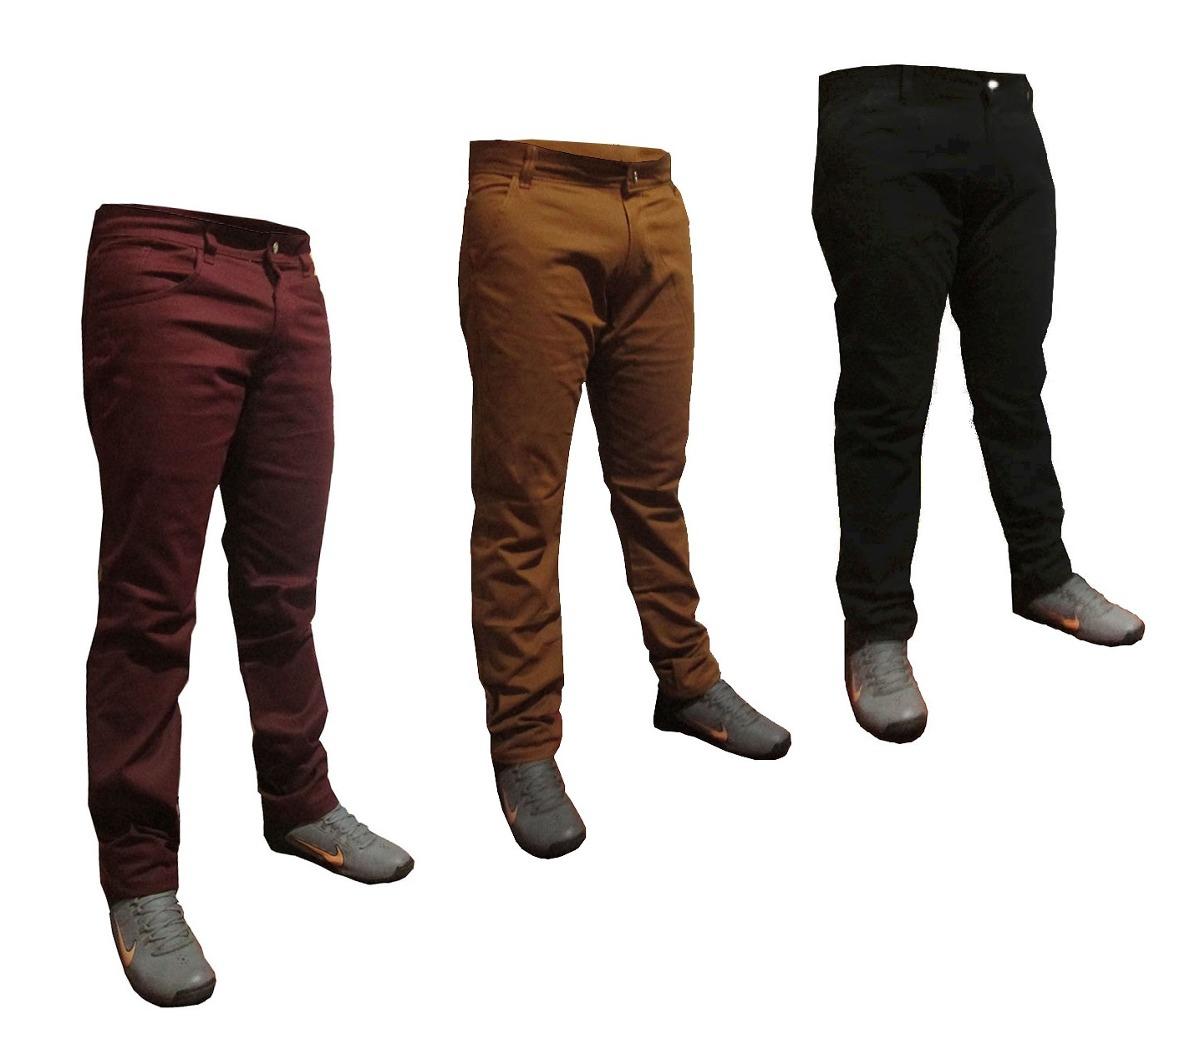 ... Calças Jeans · Calvin Klein. Compartilhar. Compartilhar. Vender um  igual · kit 3 calça sarja masculina slim preta vinho grafite bege.  Carregando zoom. 3a10cbe3faf